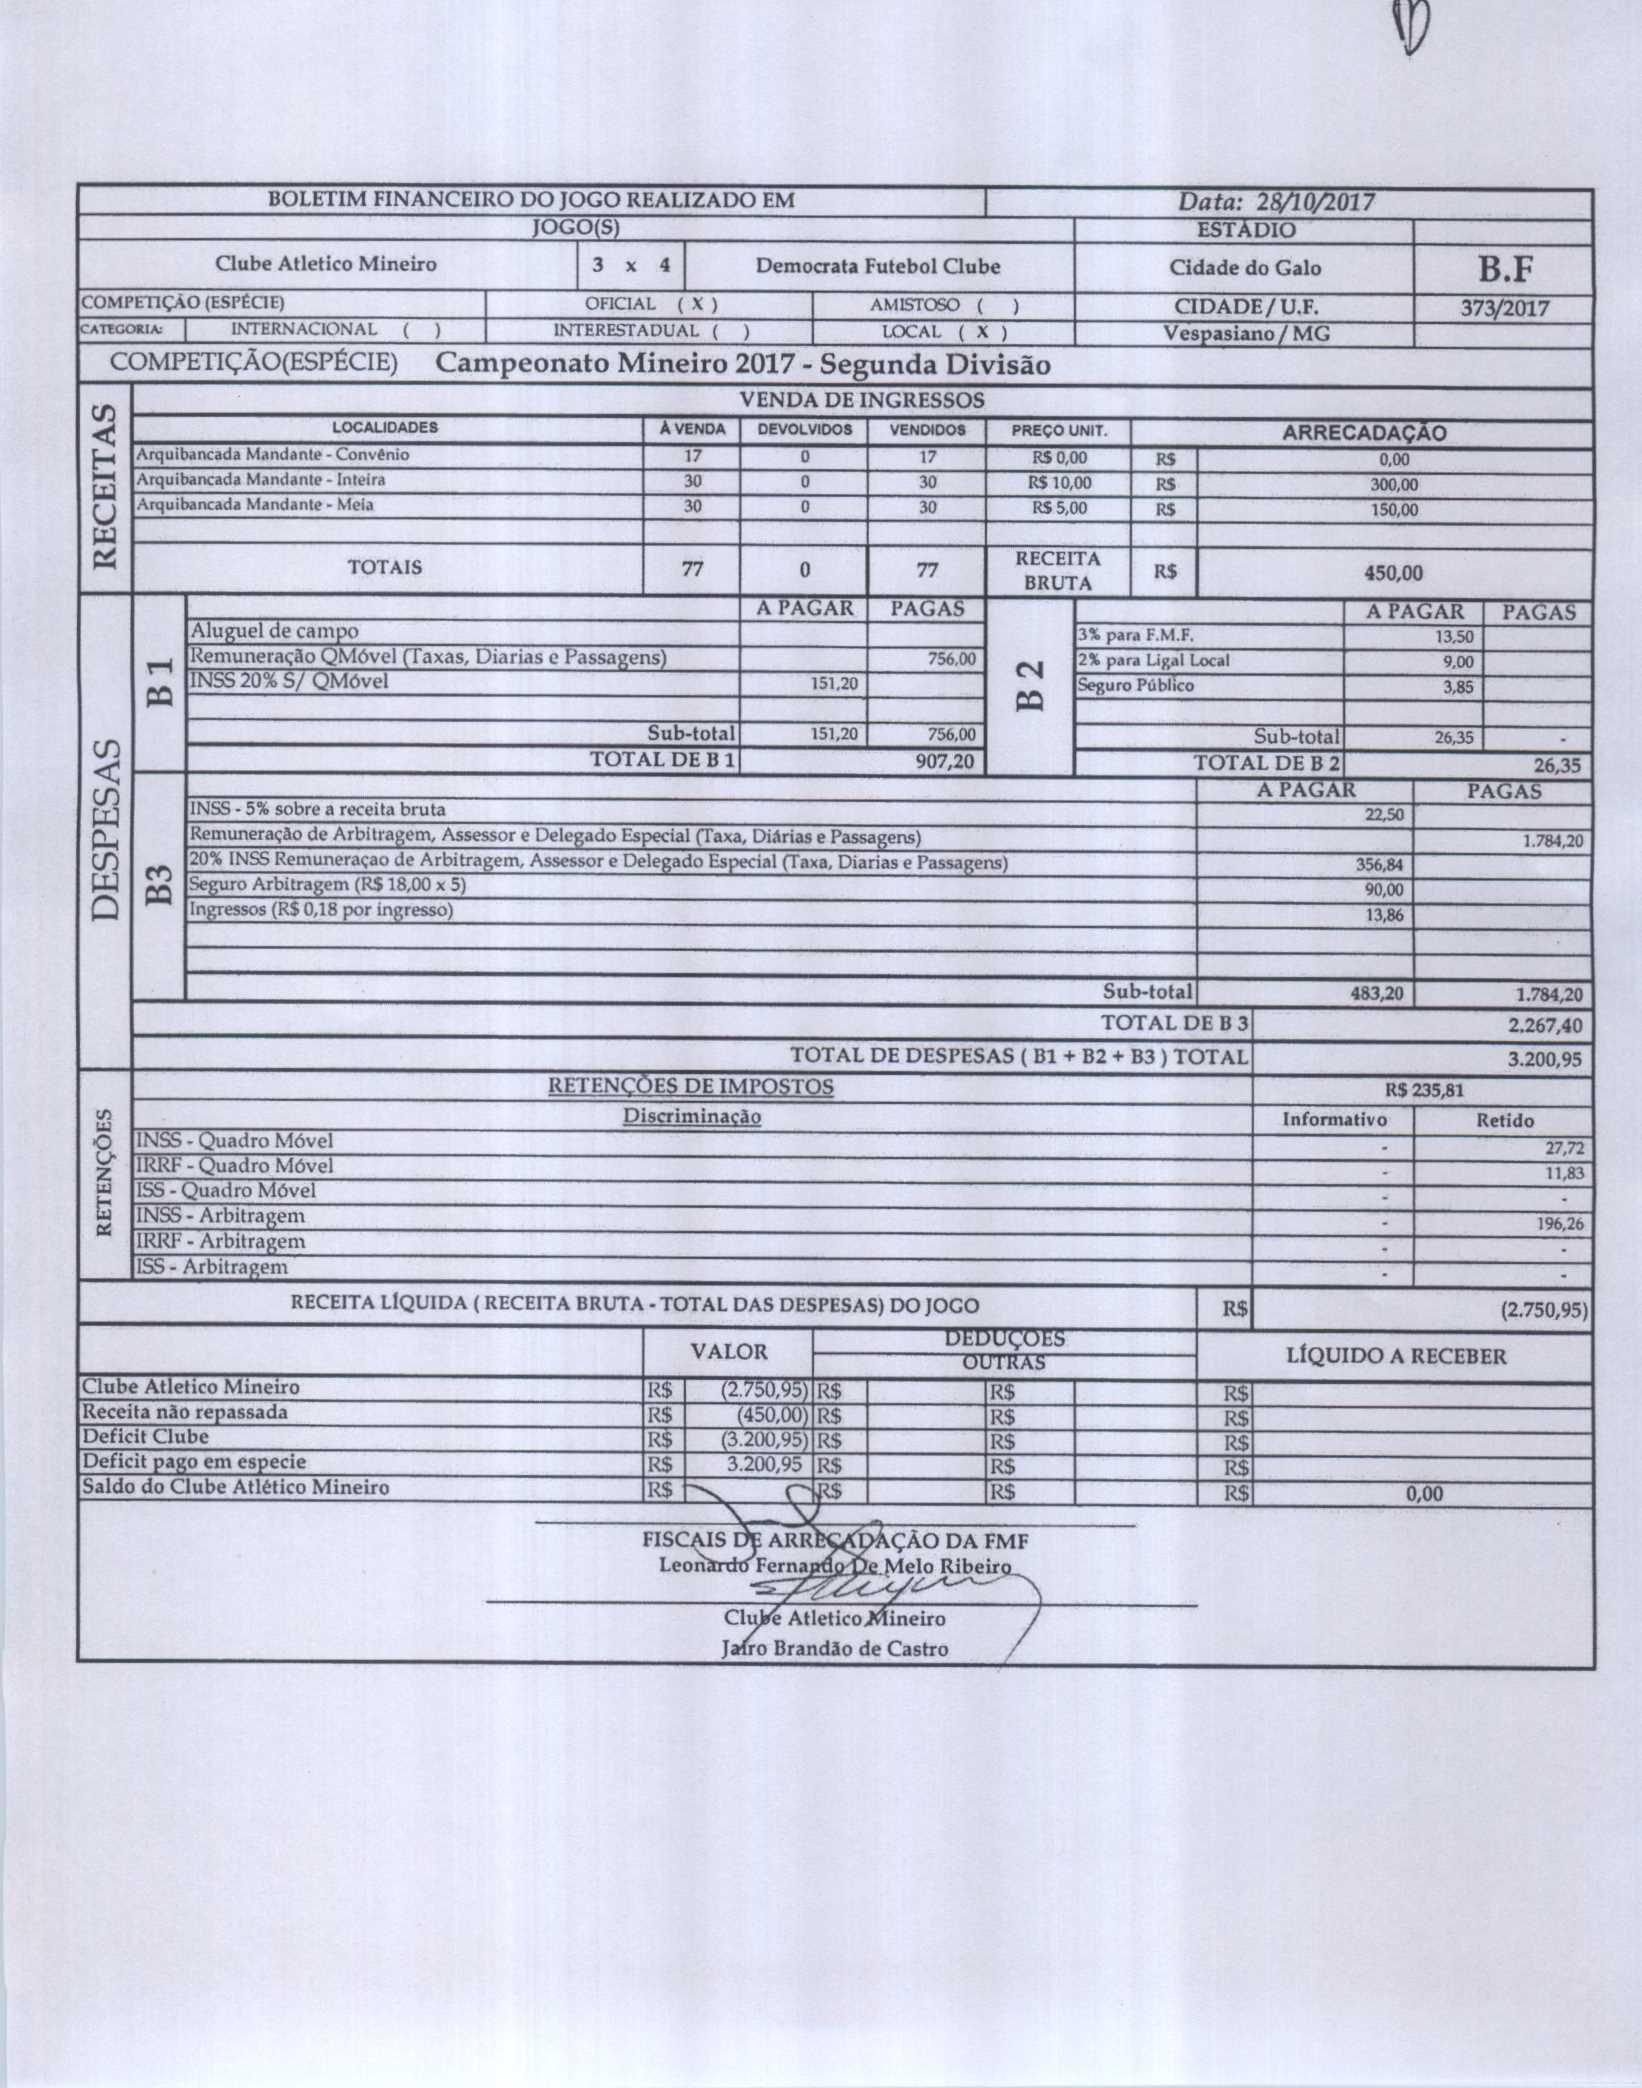 Гил-32 к-015 3ybf2115модель 3yzs2160 вибрационный питатель pf1315 роторная дробилка